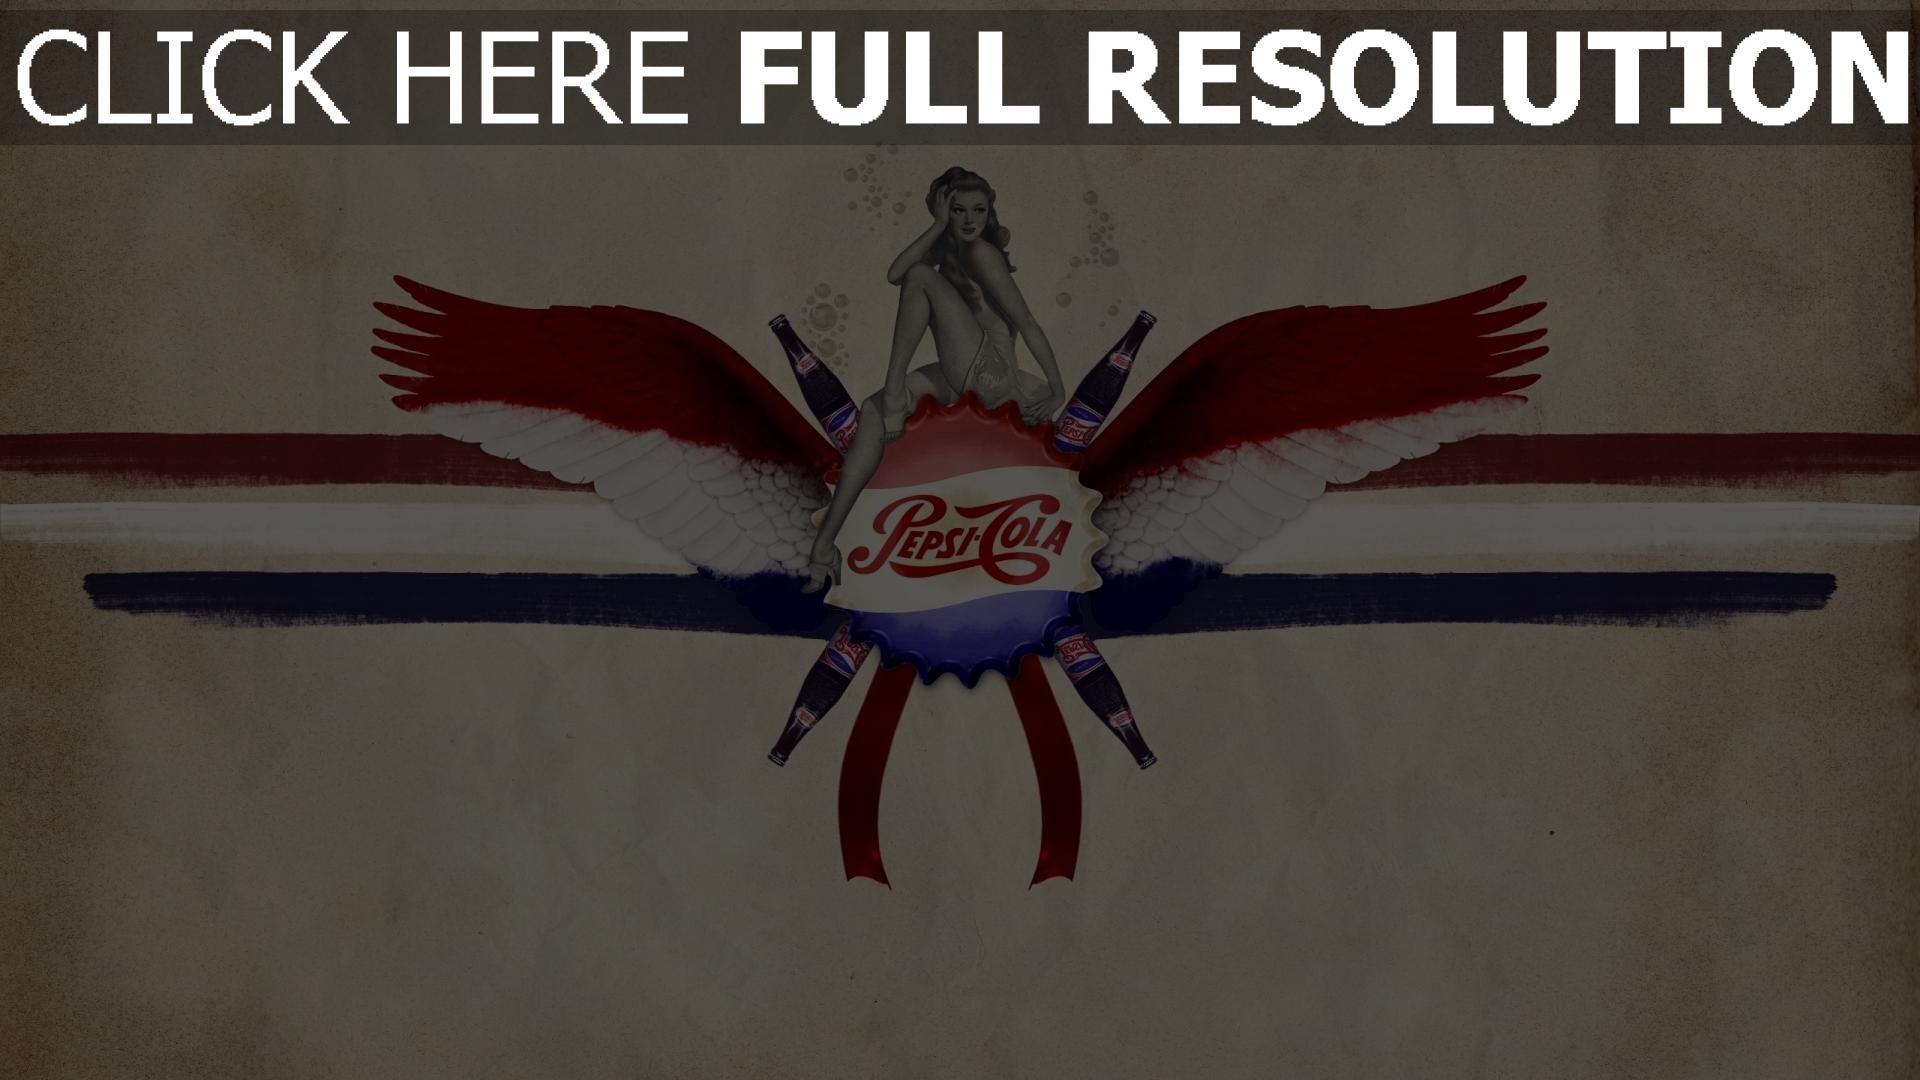 hd hintergrundbilder pepsi-cola cola getränk gasierte logo 1920x1080